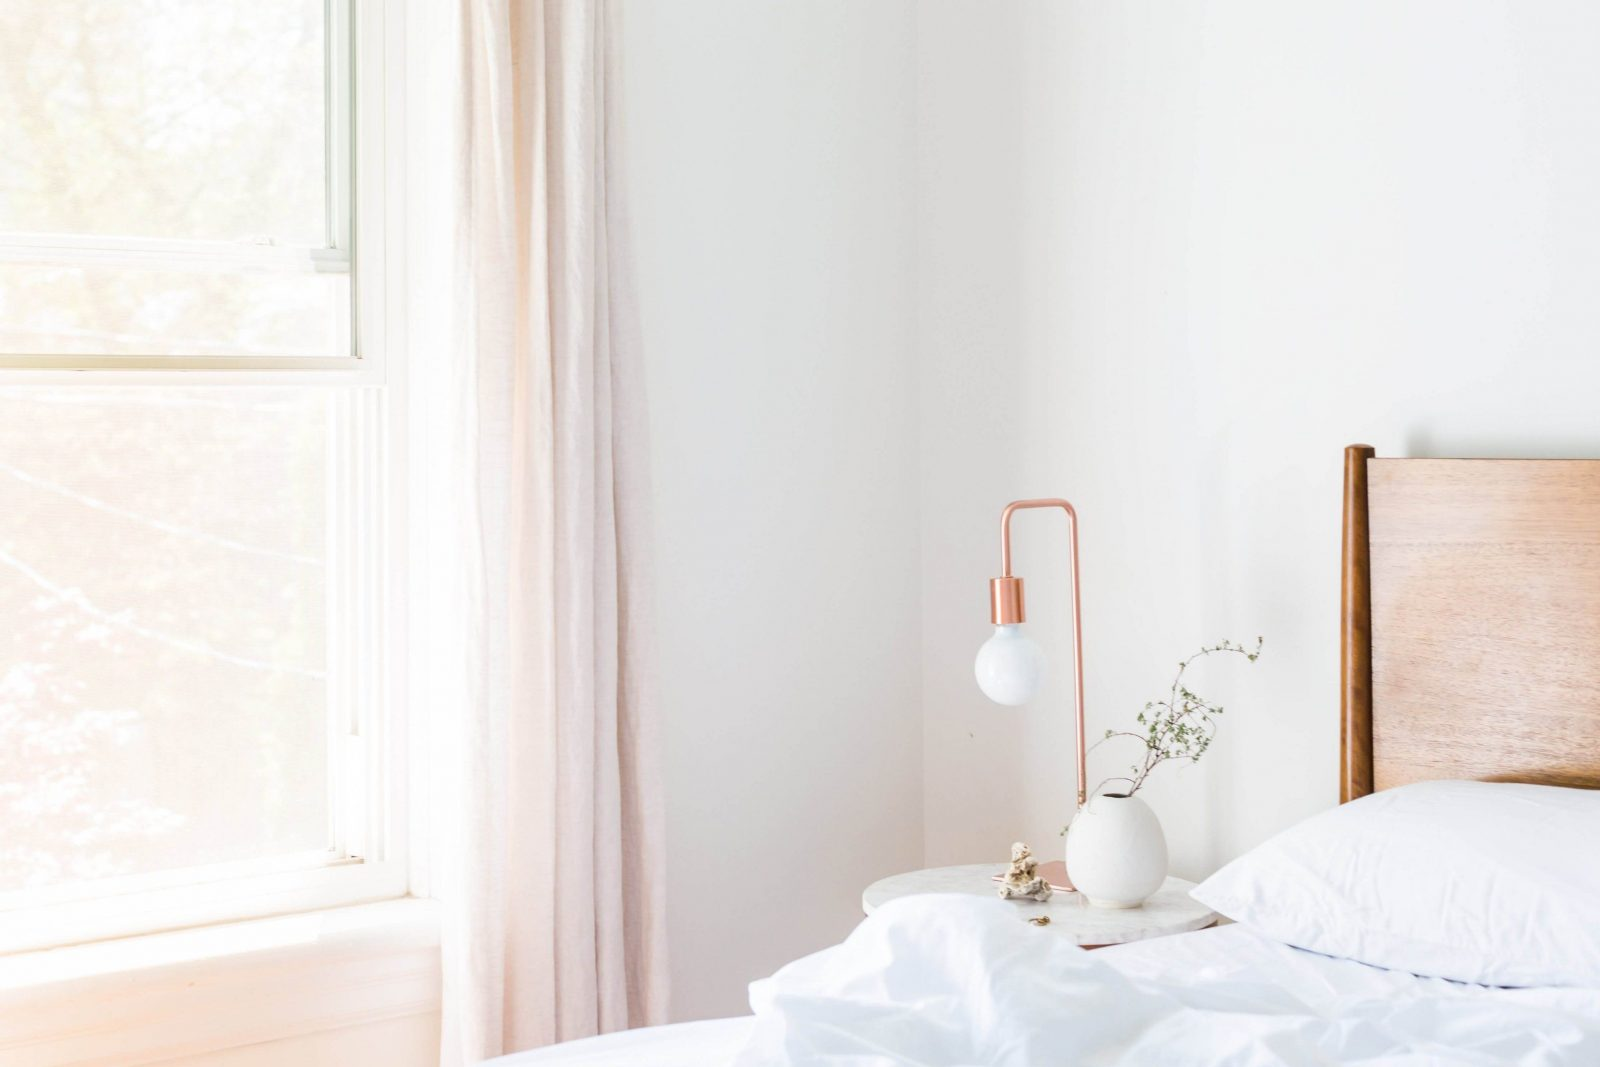 Gardinen Waschen  6 Tipps Für Ein Strahlendes Weiß  Sodasan Shop von Gardinen Waschen Waschprogramm Bild